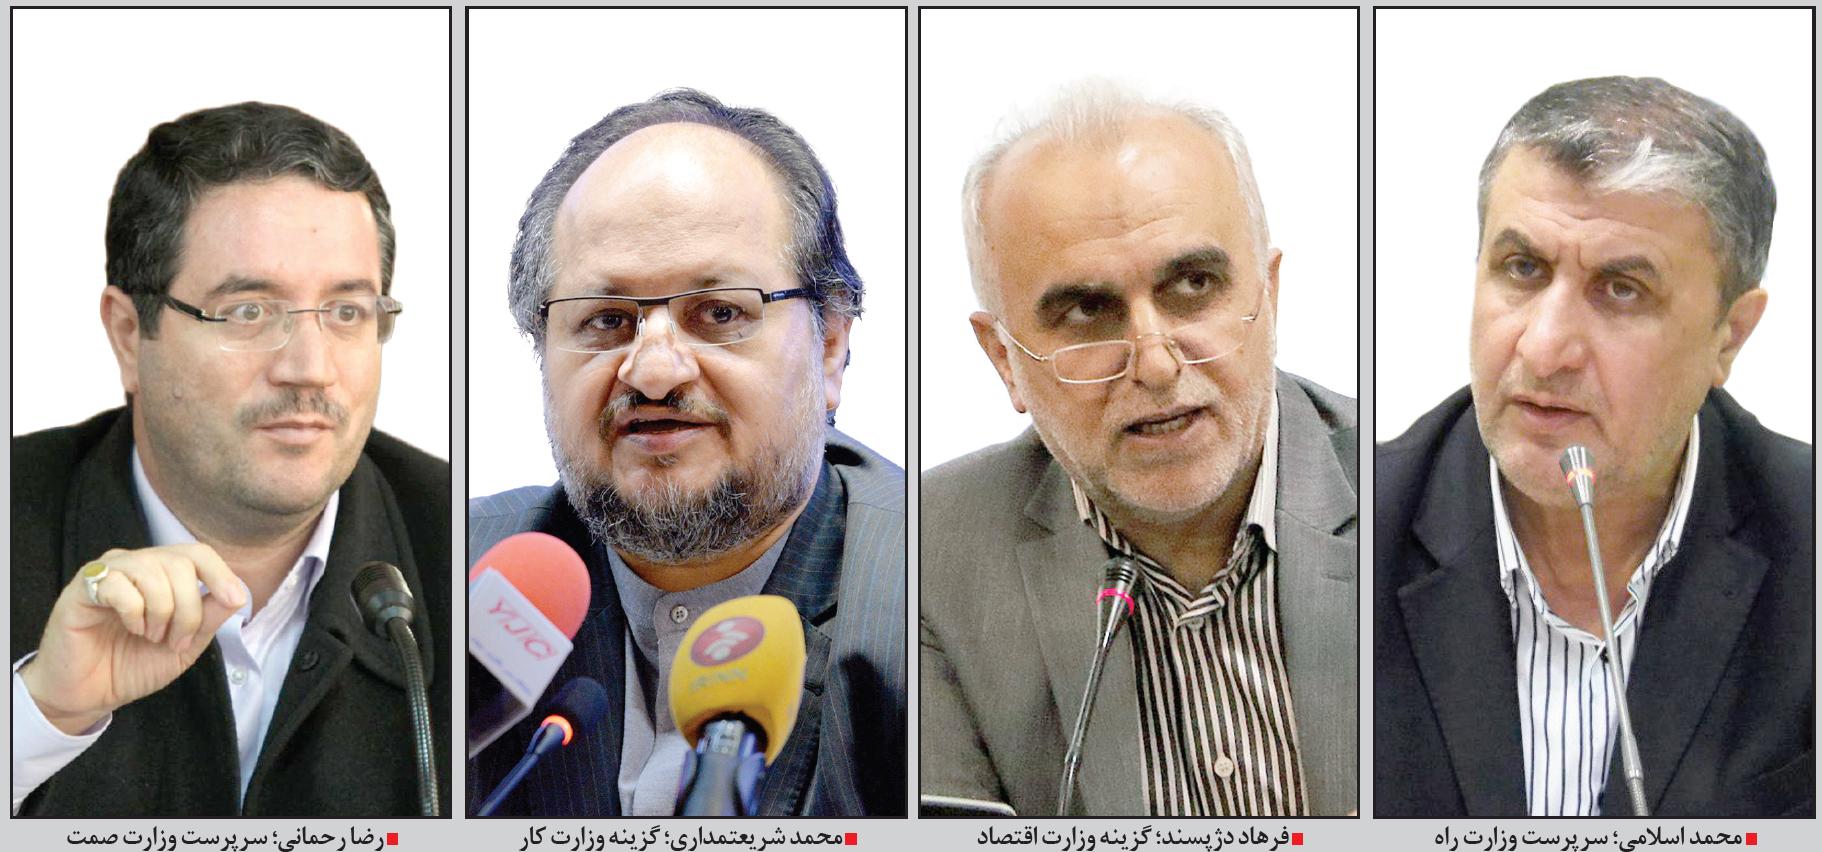 اسامی و سوابق چهار وزیر پیشنهادی روحانی